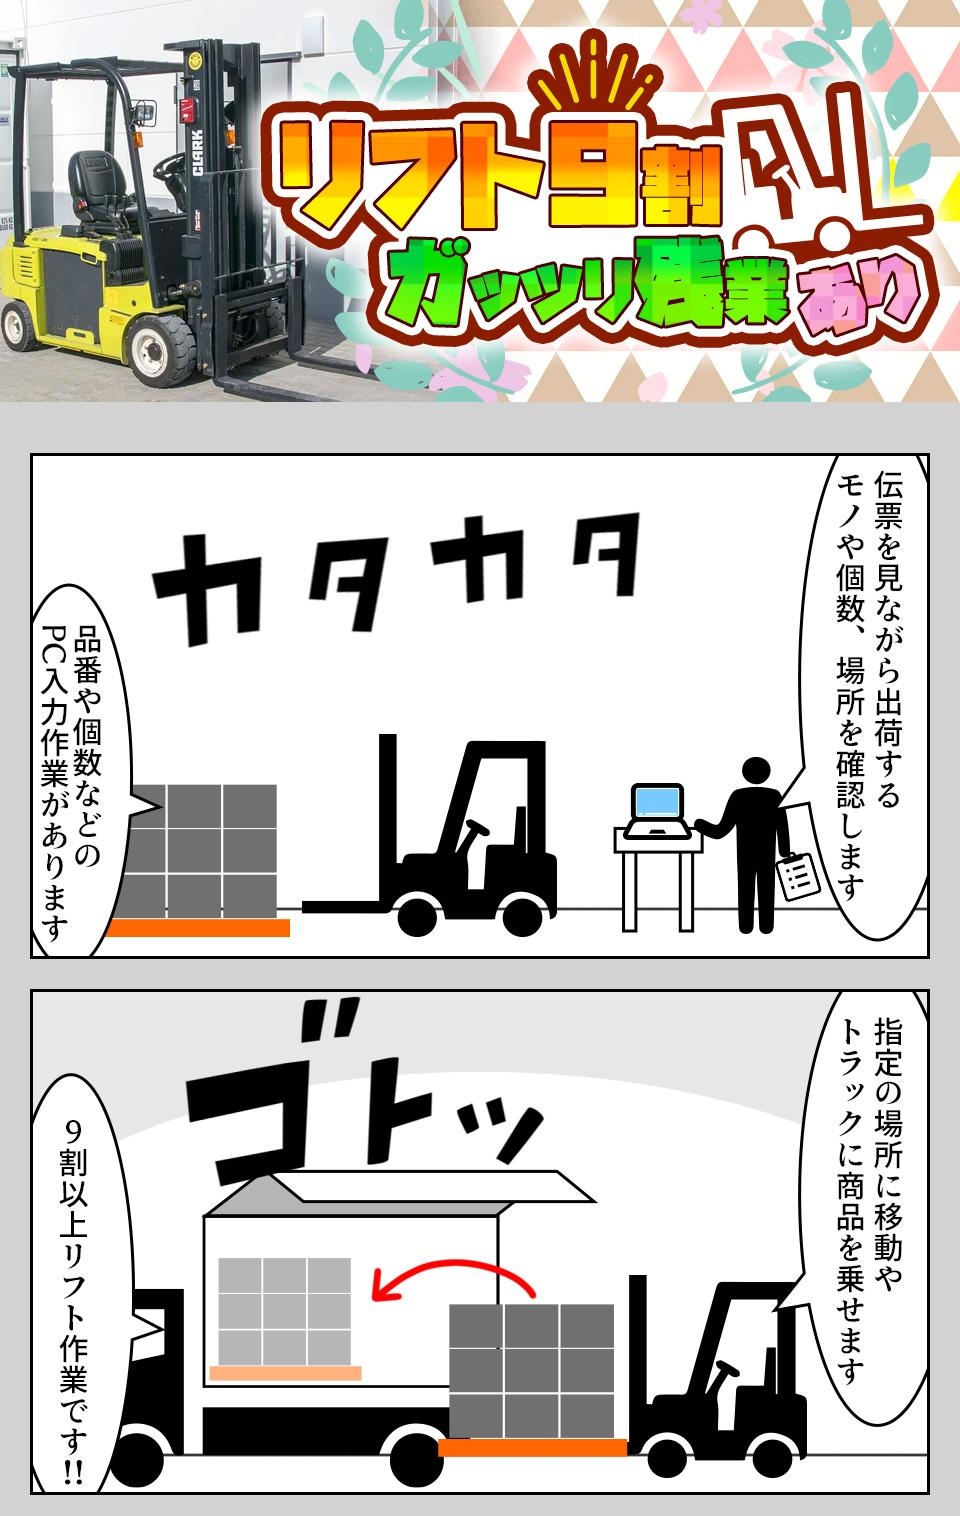 リフト作業 静岡県湖西市の派遣社員求人